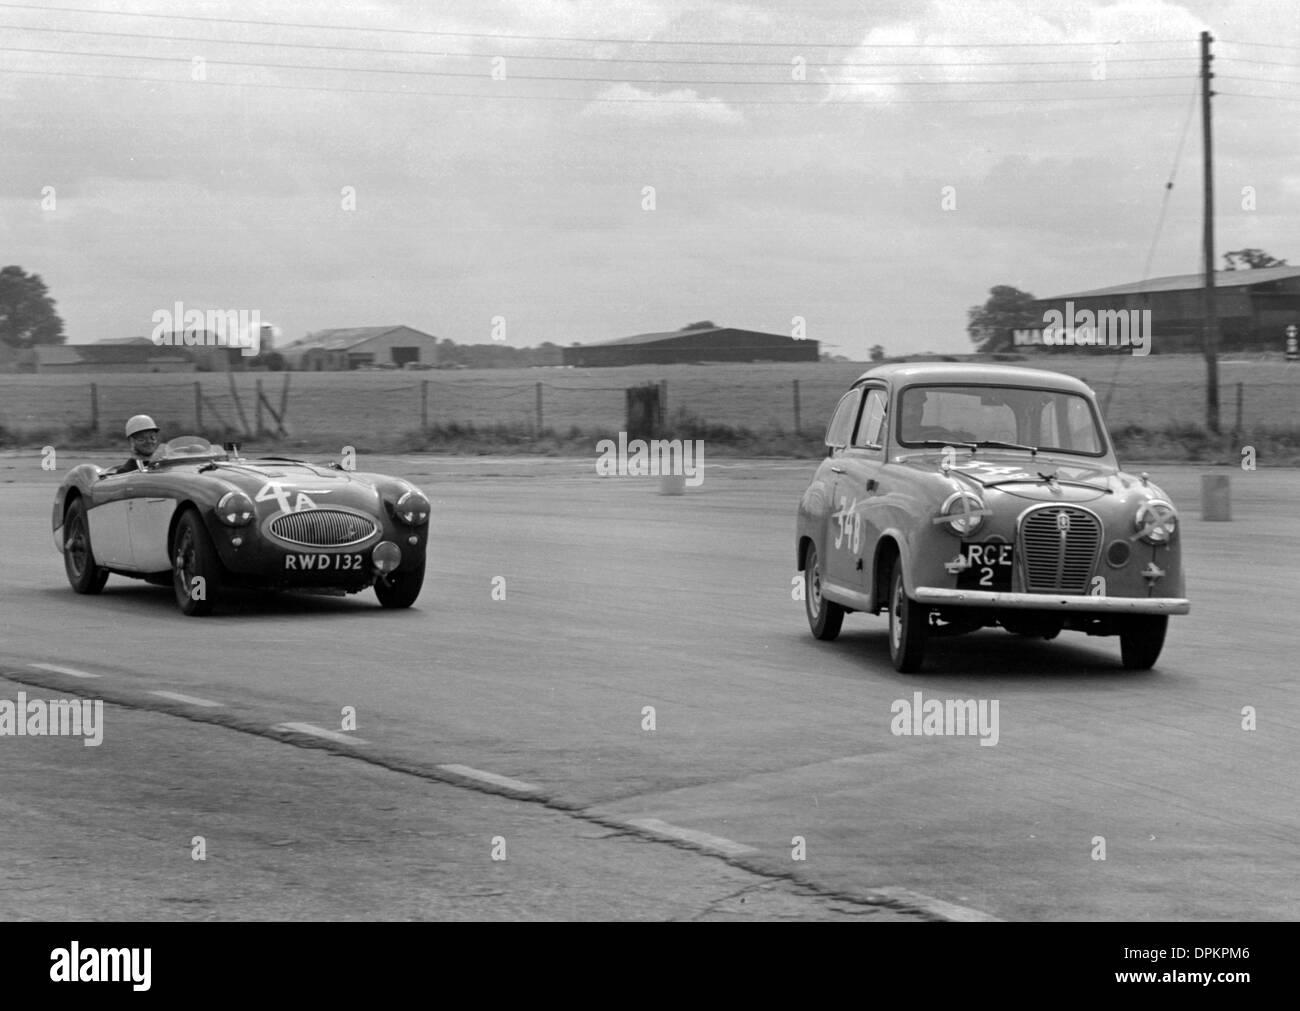 Austin A35 und Austin Healey während 750 Motor Club 6-Stunden-Relais-Rennen von Silverstone 1957 Stockbild